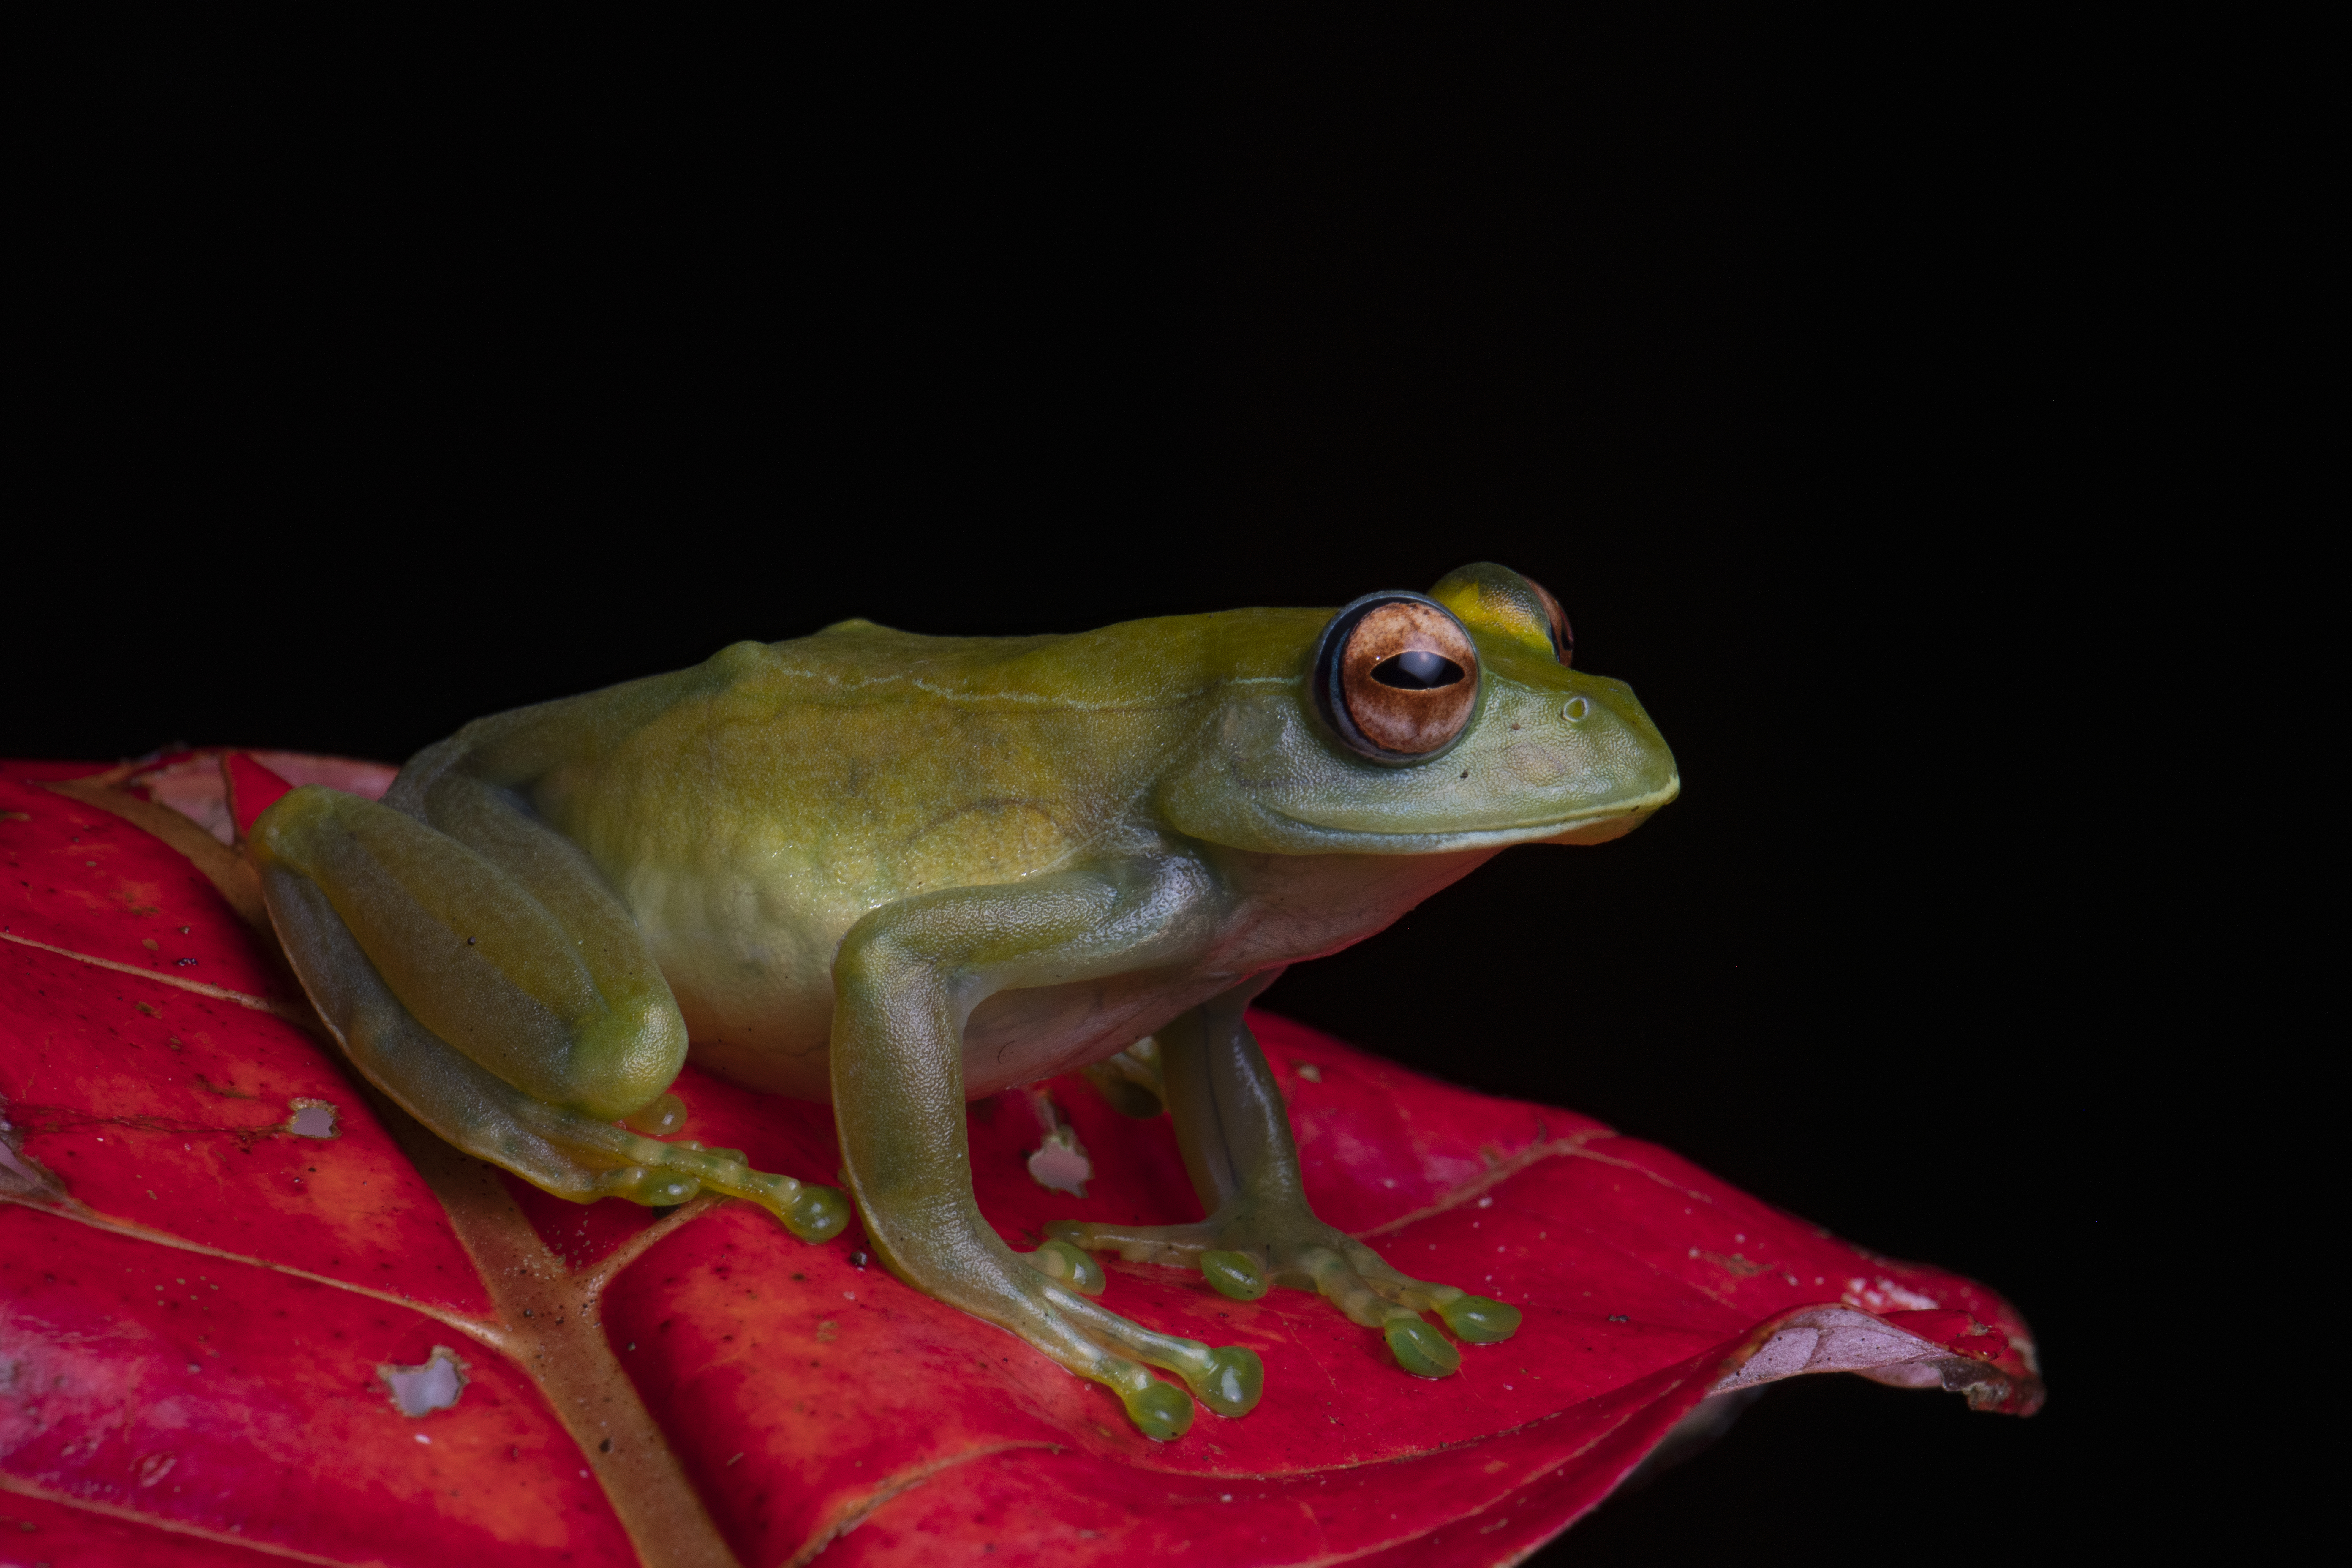 Fotografie mit Blitz und Softbox: Bei diesem Frosch gibt es keine grellen Reflexe